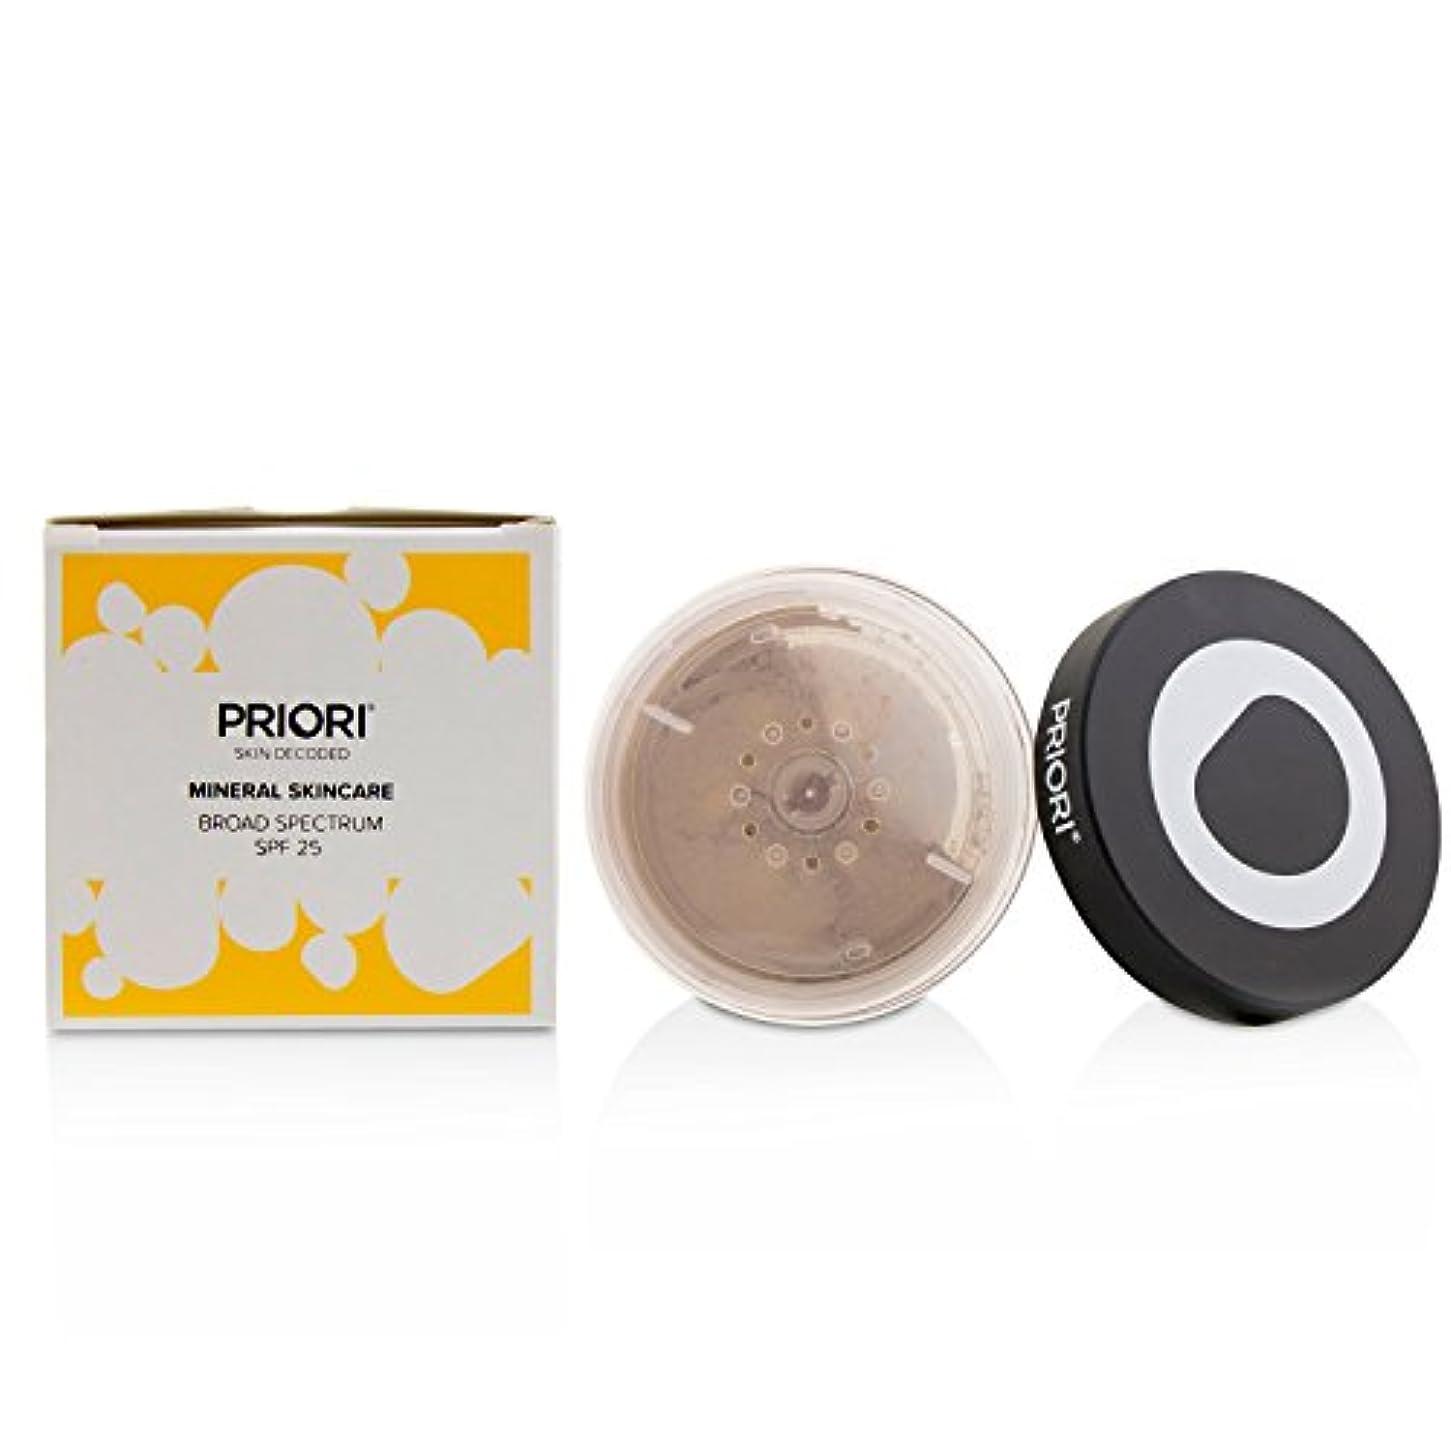 ポール抽象化記念碑プリオリ Mineral Skincare Broad Spectrum SPF25 - # Shade 4 (Fx354) 5g/0.17oz並行輸入品